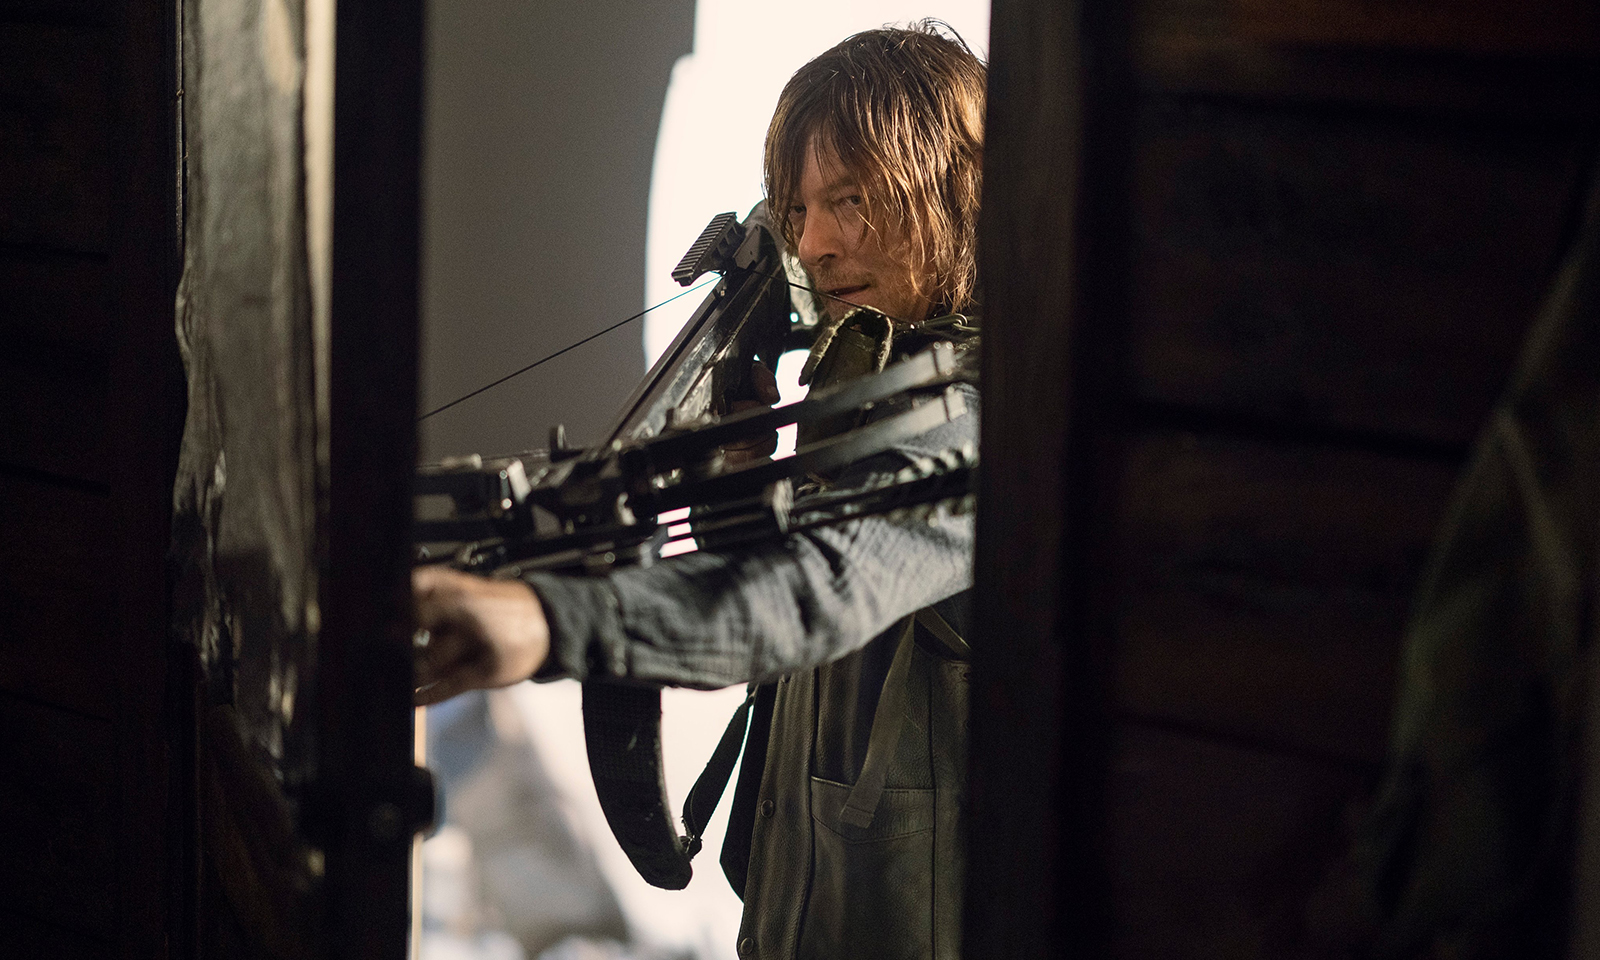 daryl armado em imagem dos episódios extras da 10ª temporada de The Walking Dead